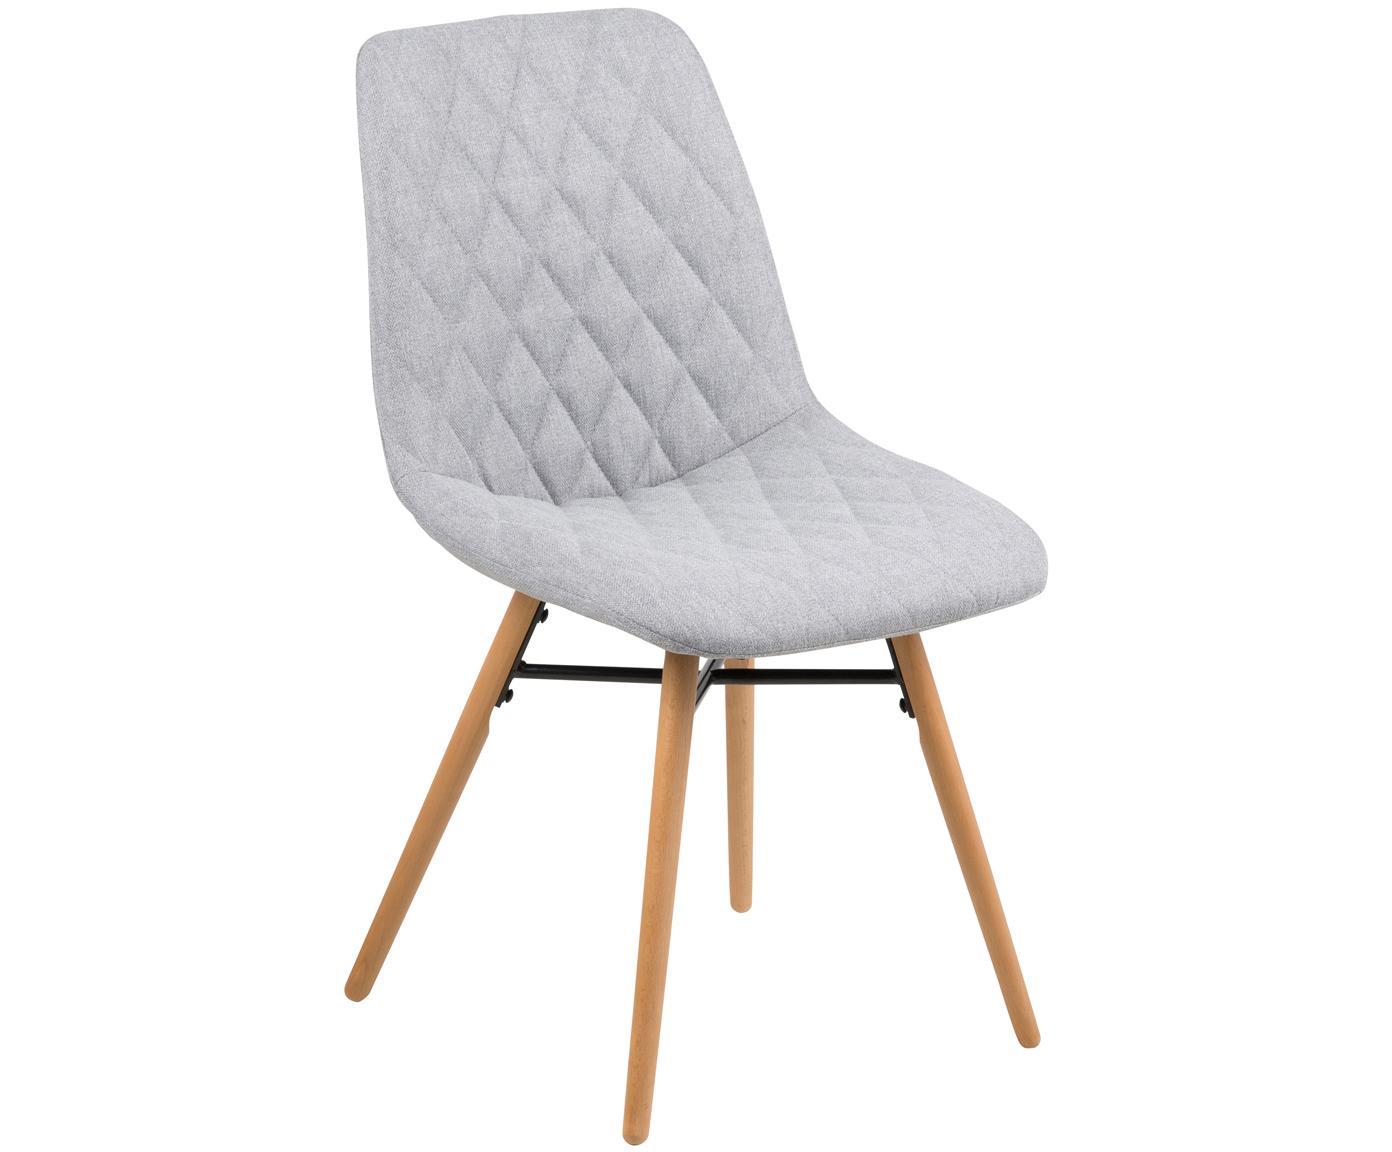 Krzesło tapicerowane Lif, 2 szt., Tapicerka: 100%poliester, Nogi: drewno bukowe, Tapicerka: jasny szary Nogi: drewno bukowe Wporniki: czarny, S 46 x W 85 cm